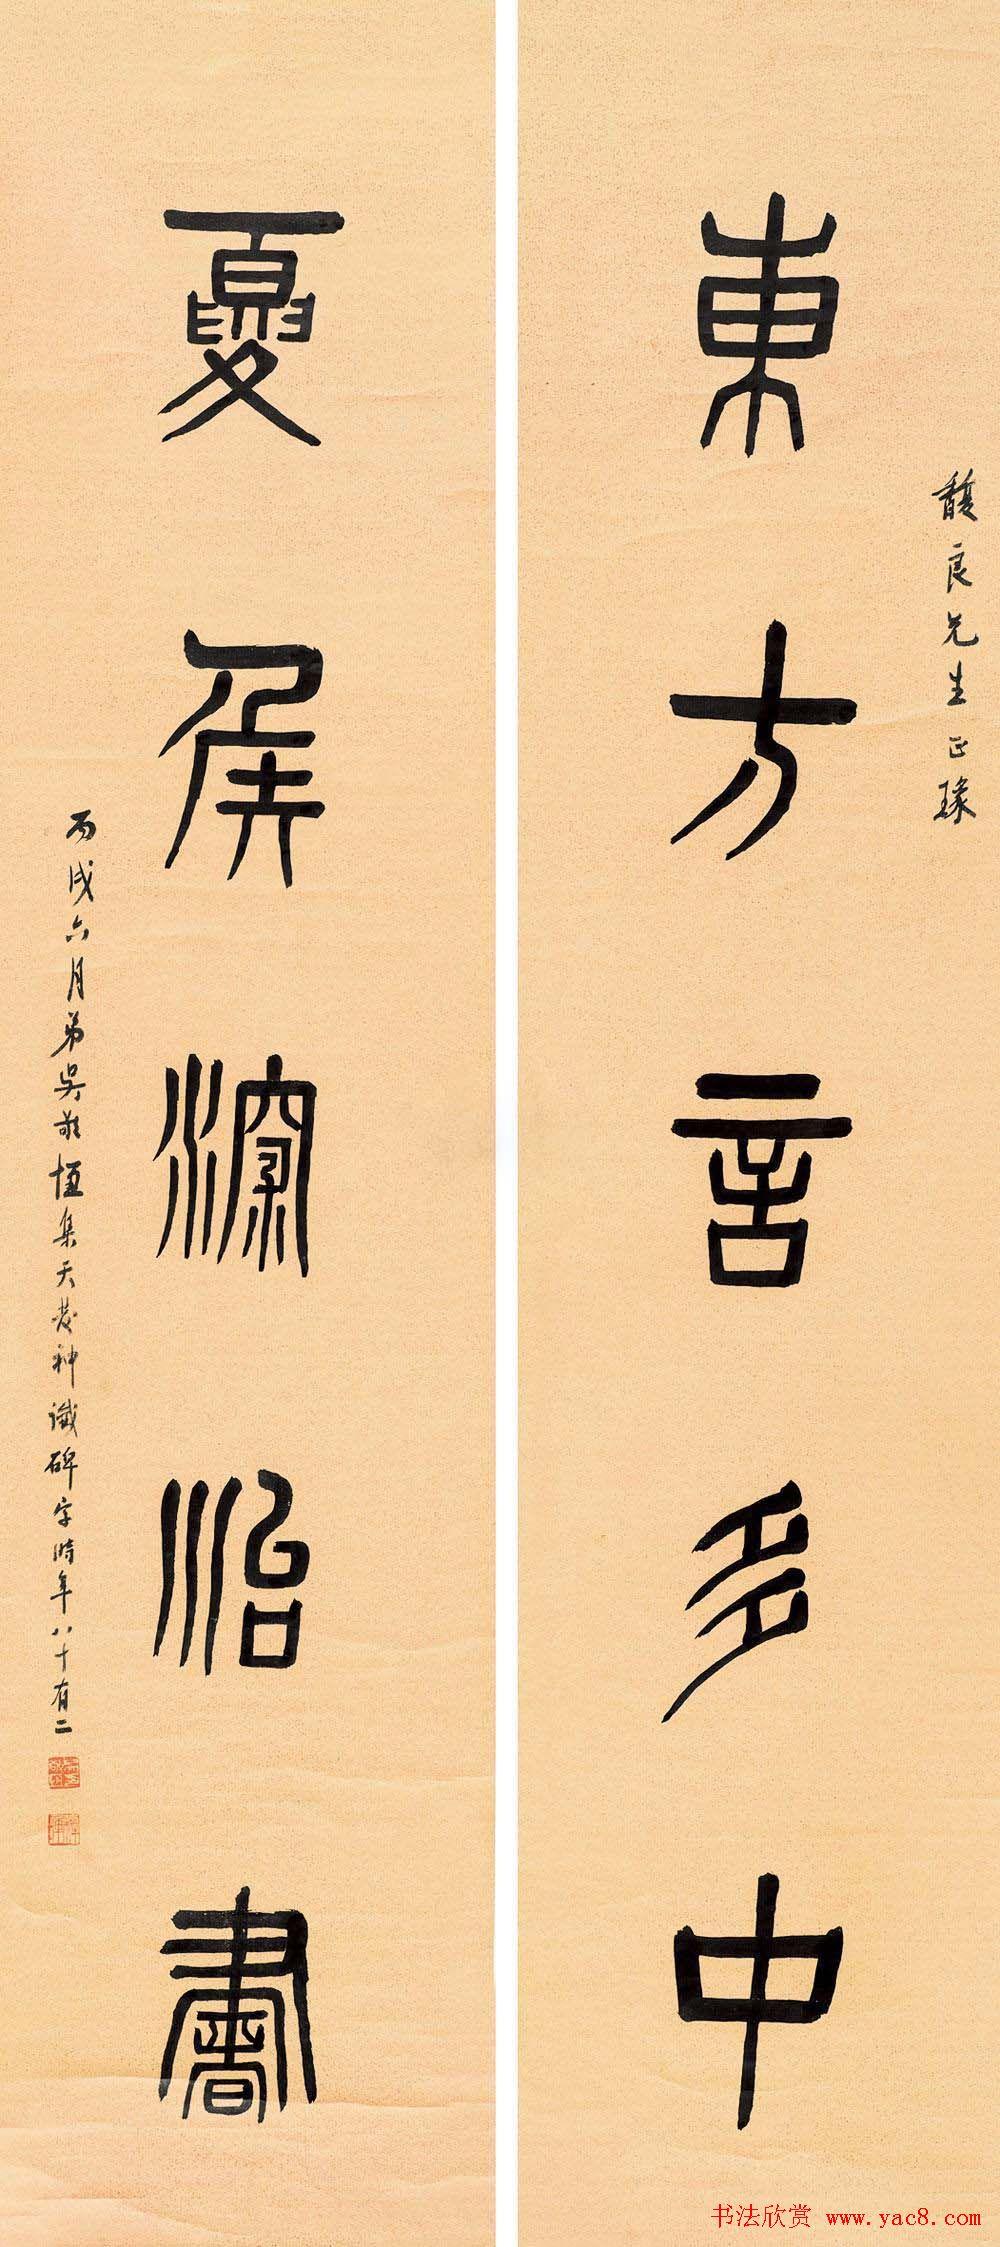 吴稚晖书法墨迹篆书作品 第6页 毛笔书法 书法欣赏